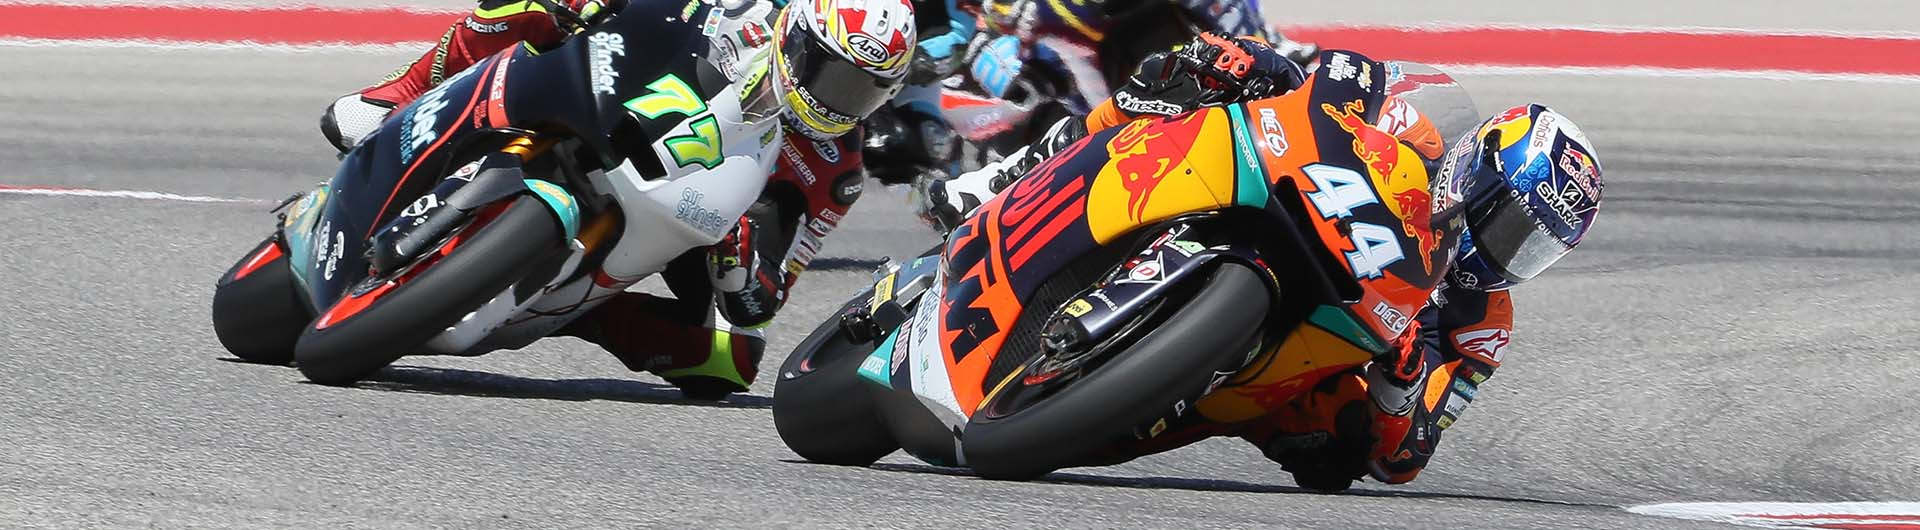 Miguel Oliveira sexto no Texas